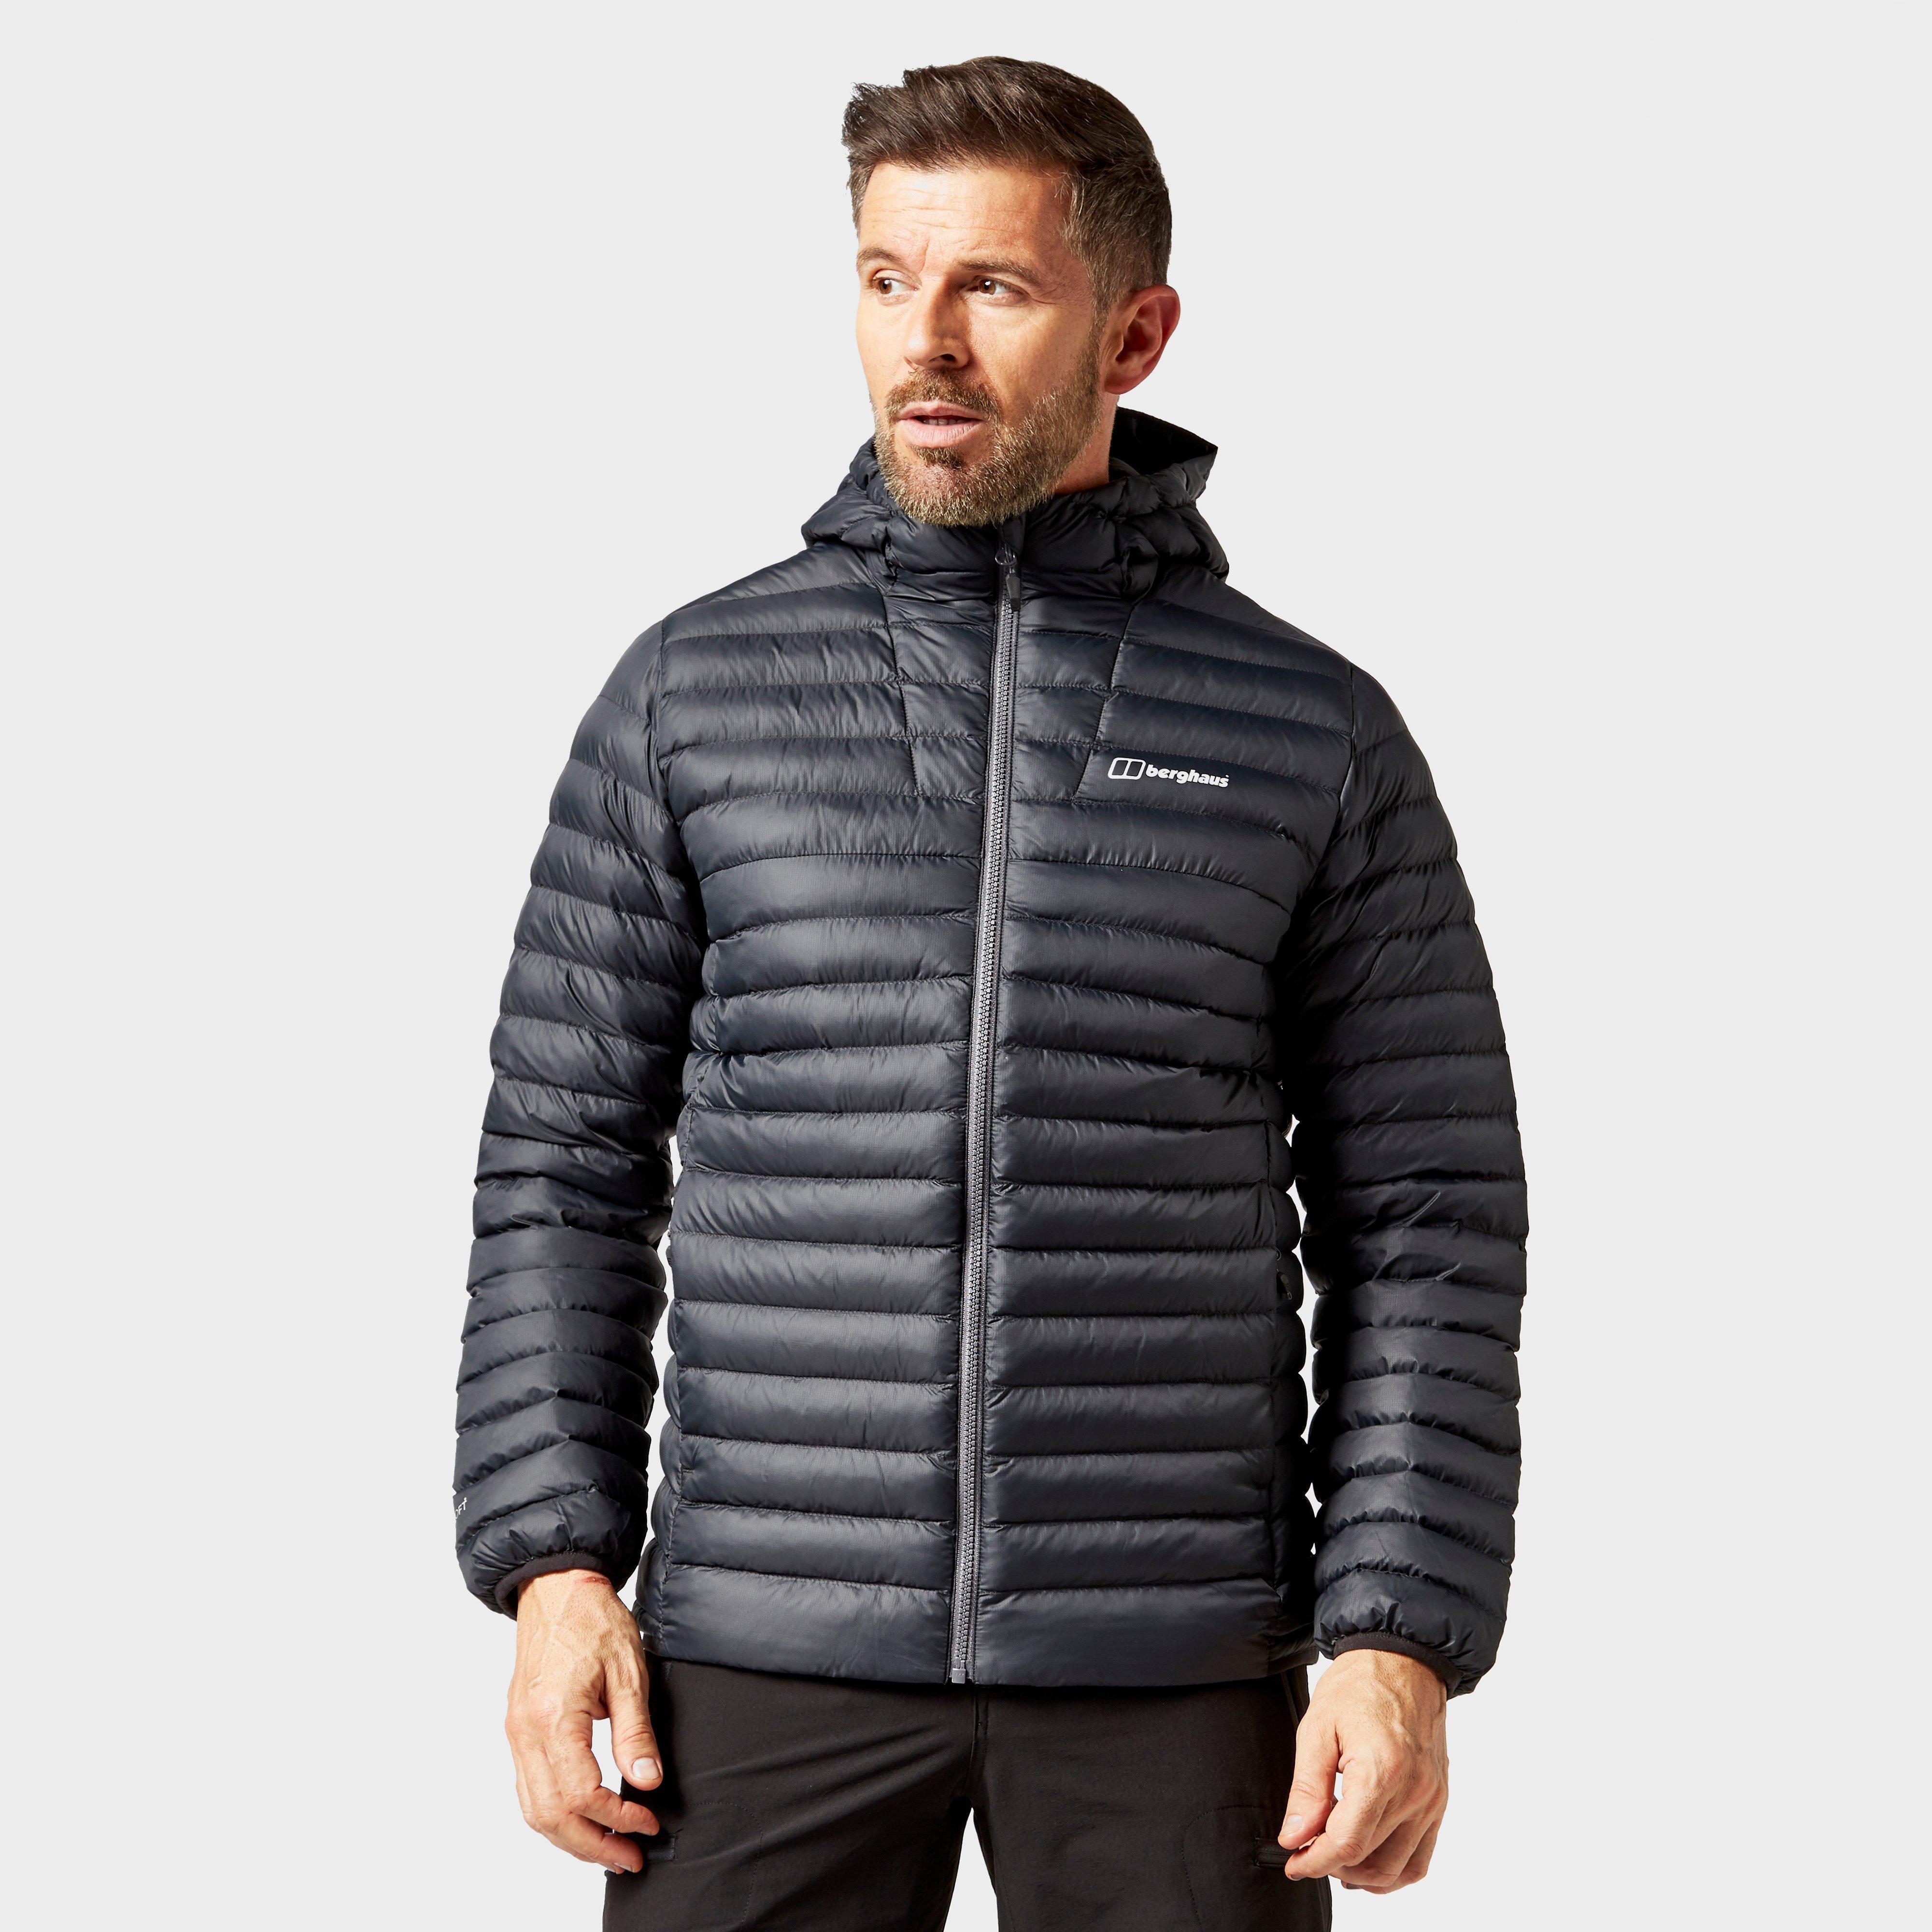 Berghaus Mens Claggan Jacket - Blk/blk  Blk/blk